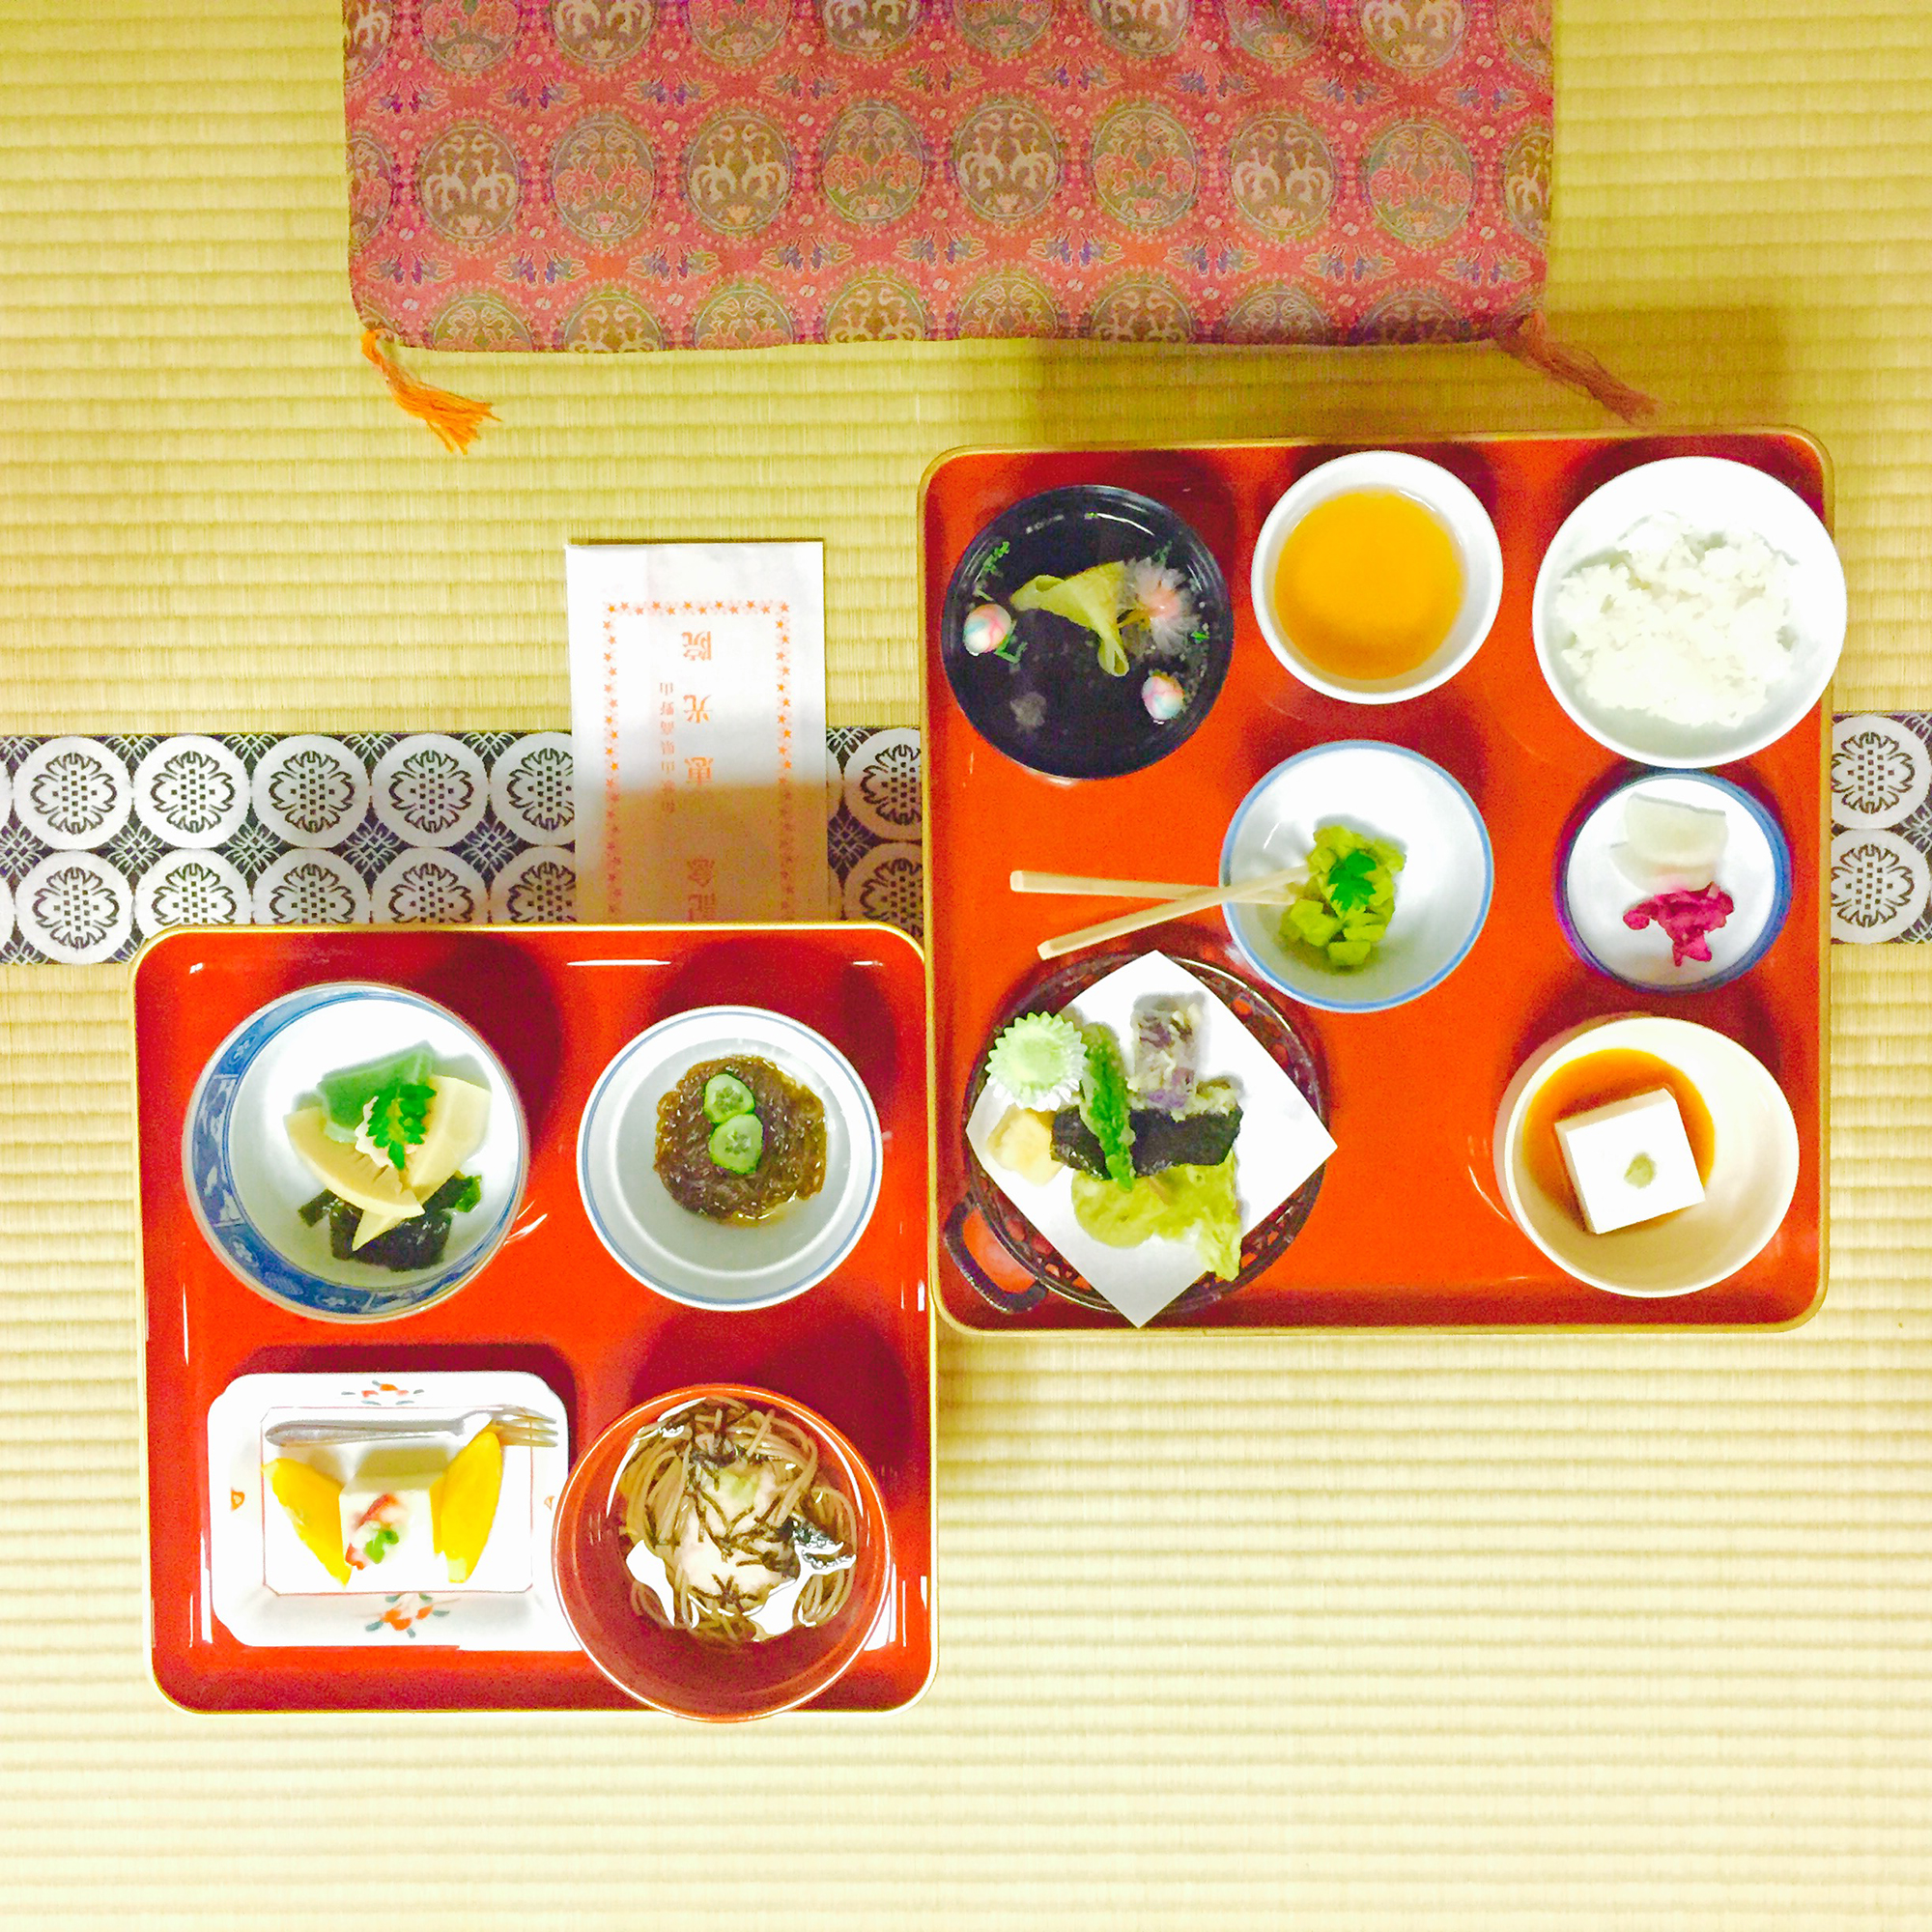 The traditional Kaiseki dinner.